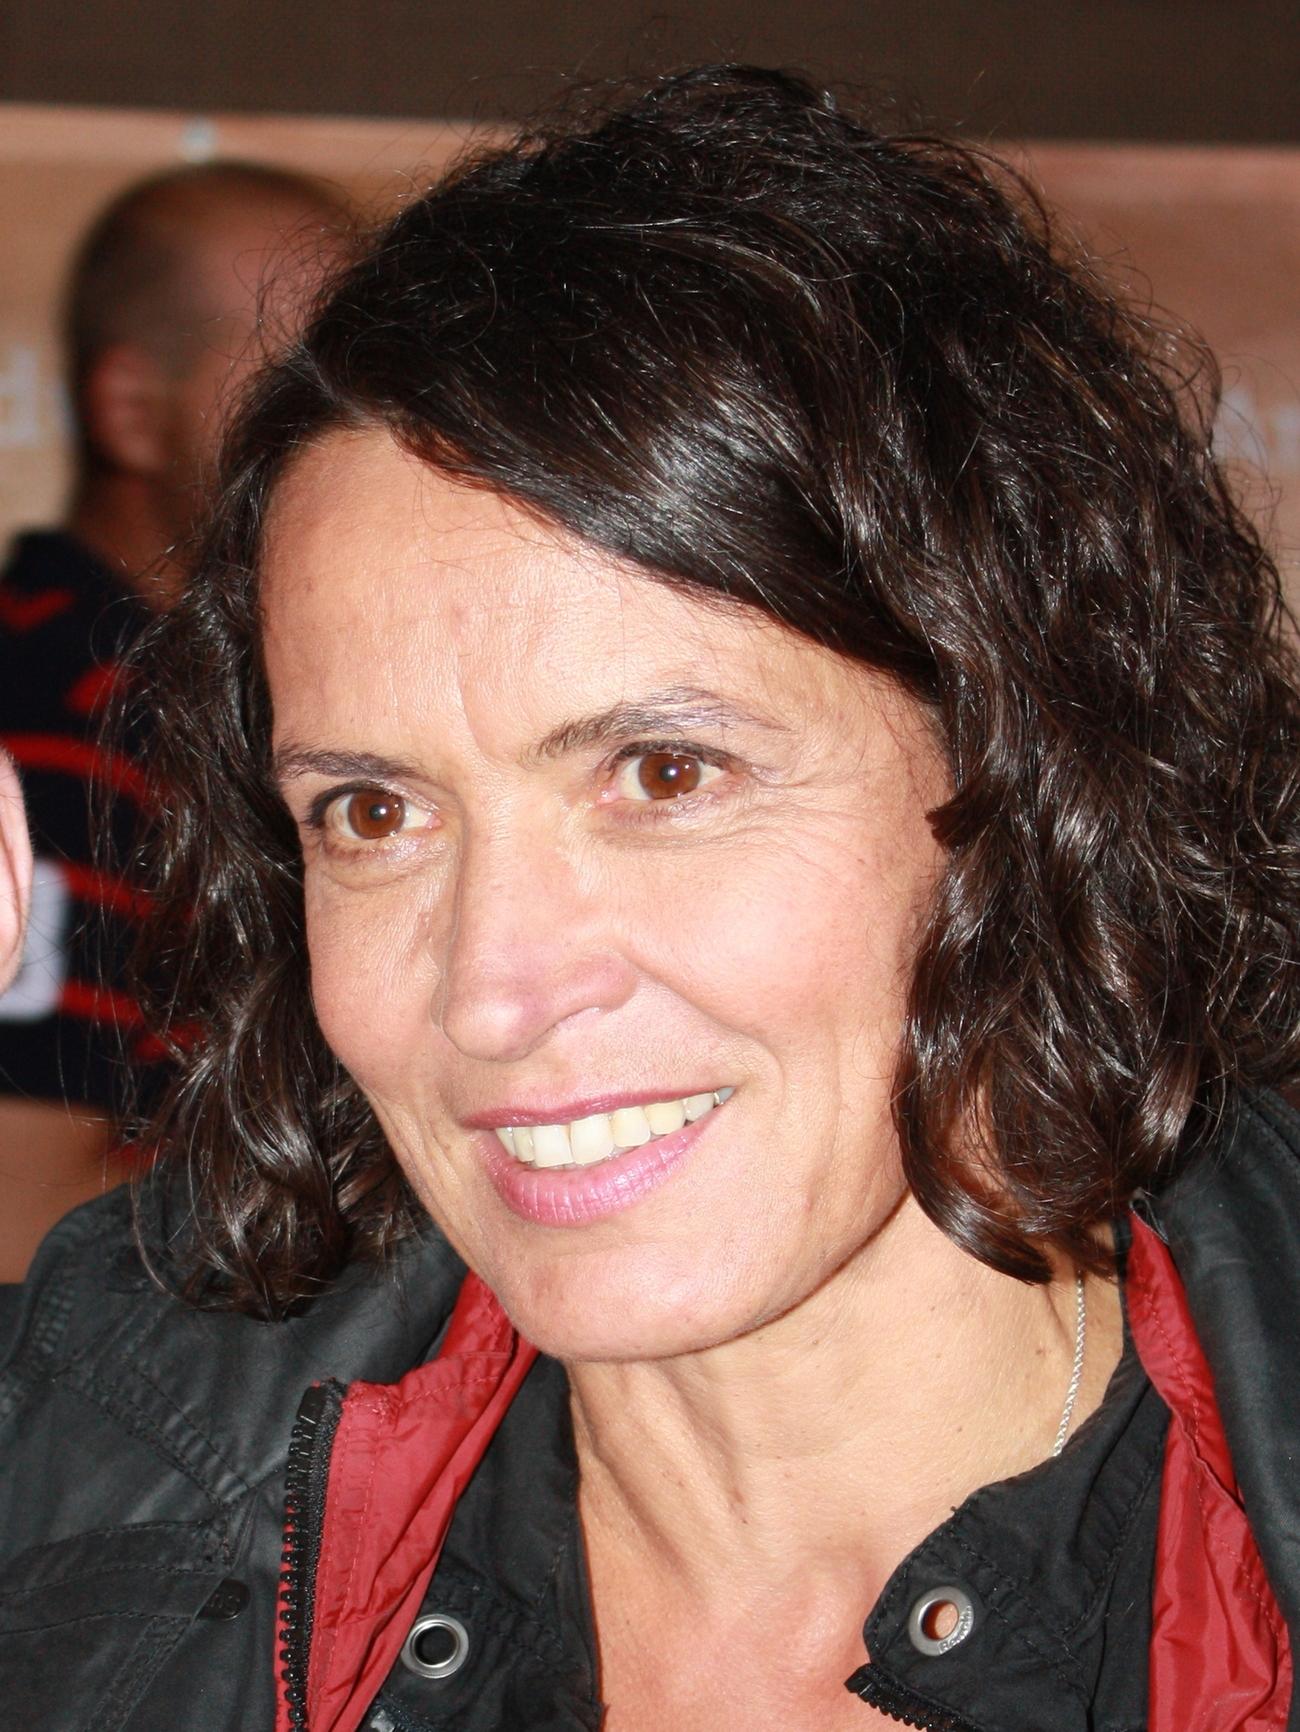 Ulrike Folkerts 2013, © Bild: René Kirchhoff CC BY-SA 3.0